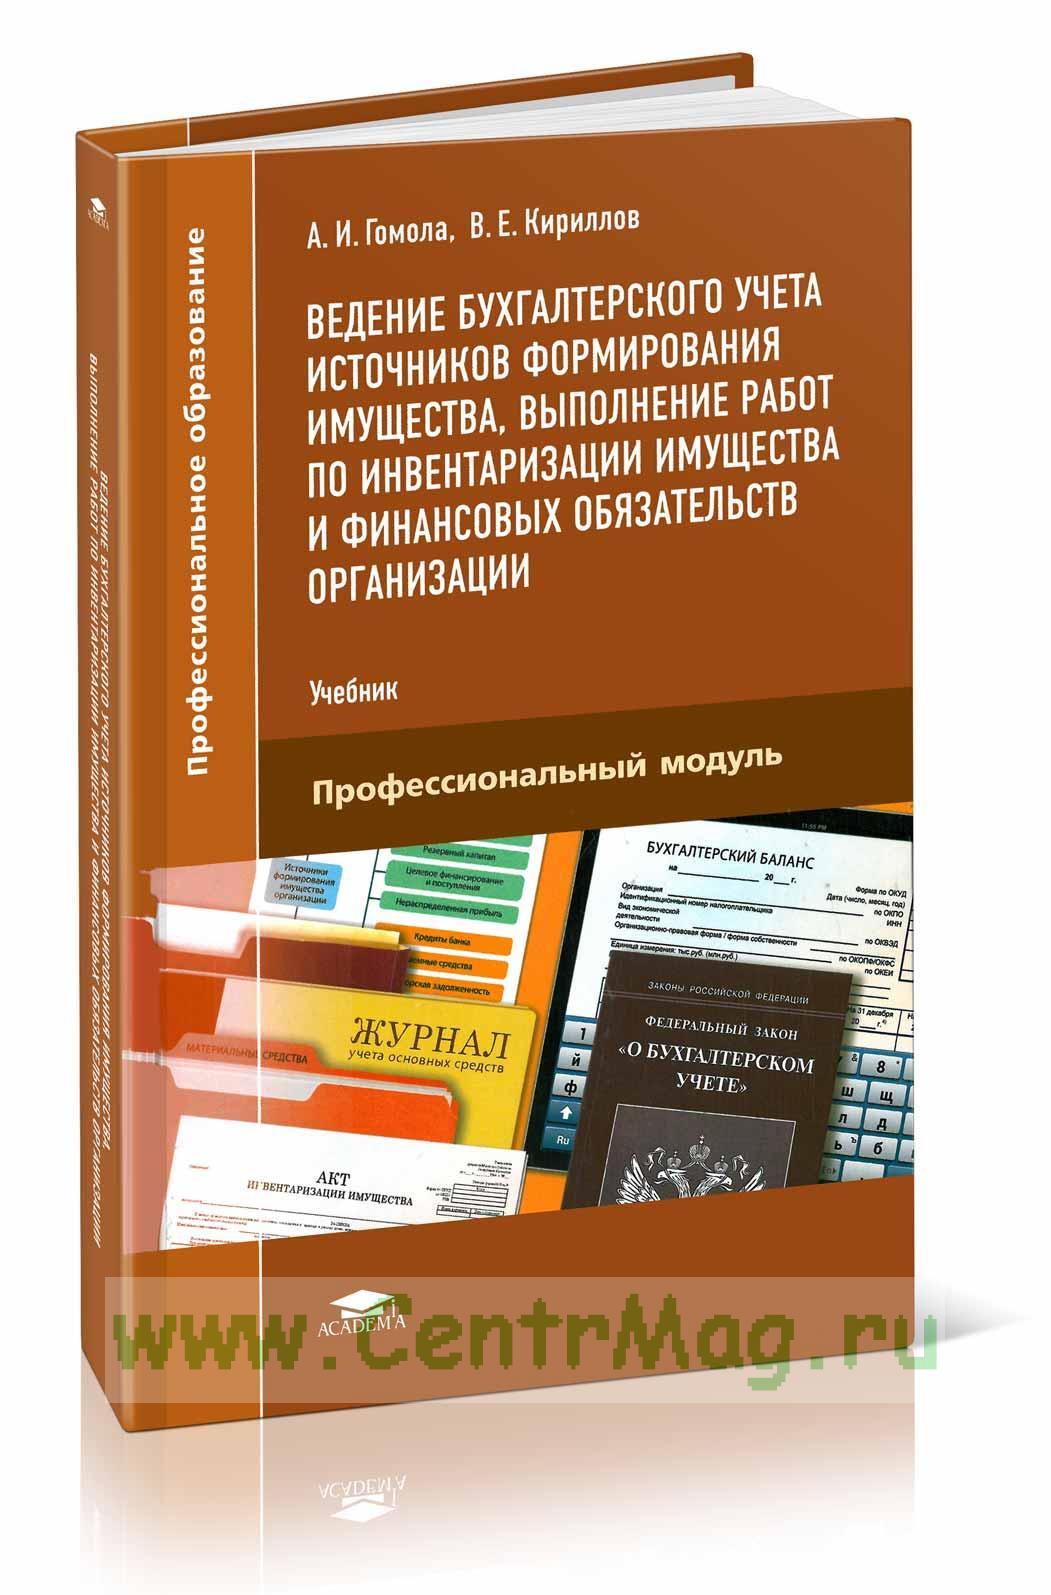 Ведение бухгалтерского учета источников формирования имущества, выполнение работ по инвентаризации имущества и финансовых обязательств организации: учебник (2-е издание, стереотипное)